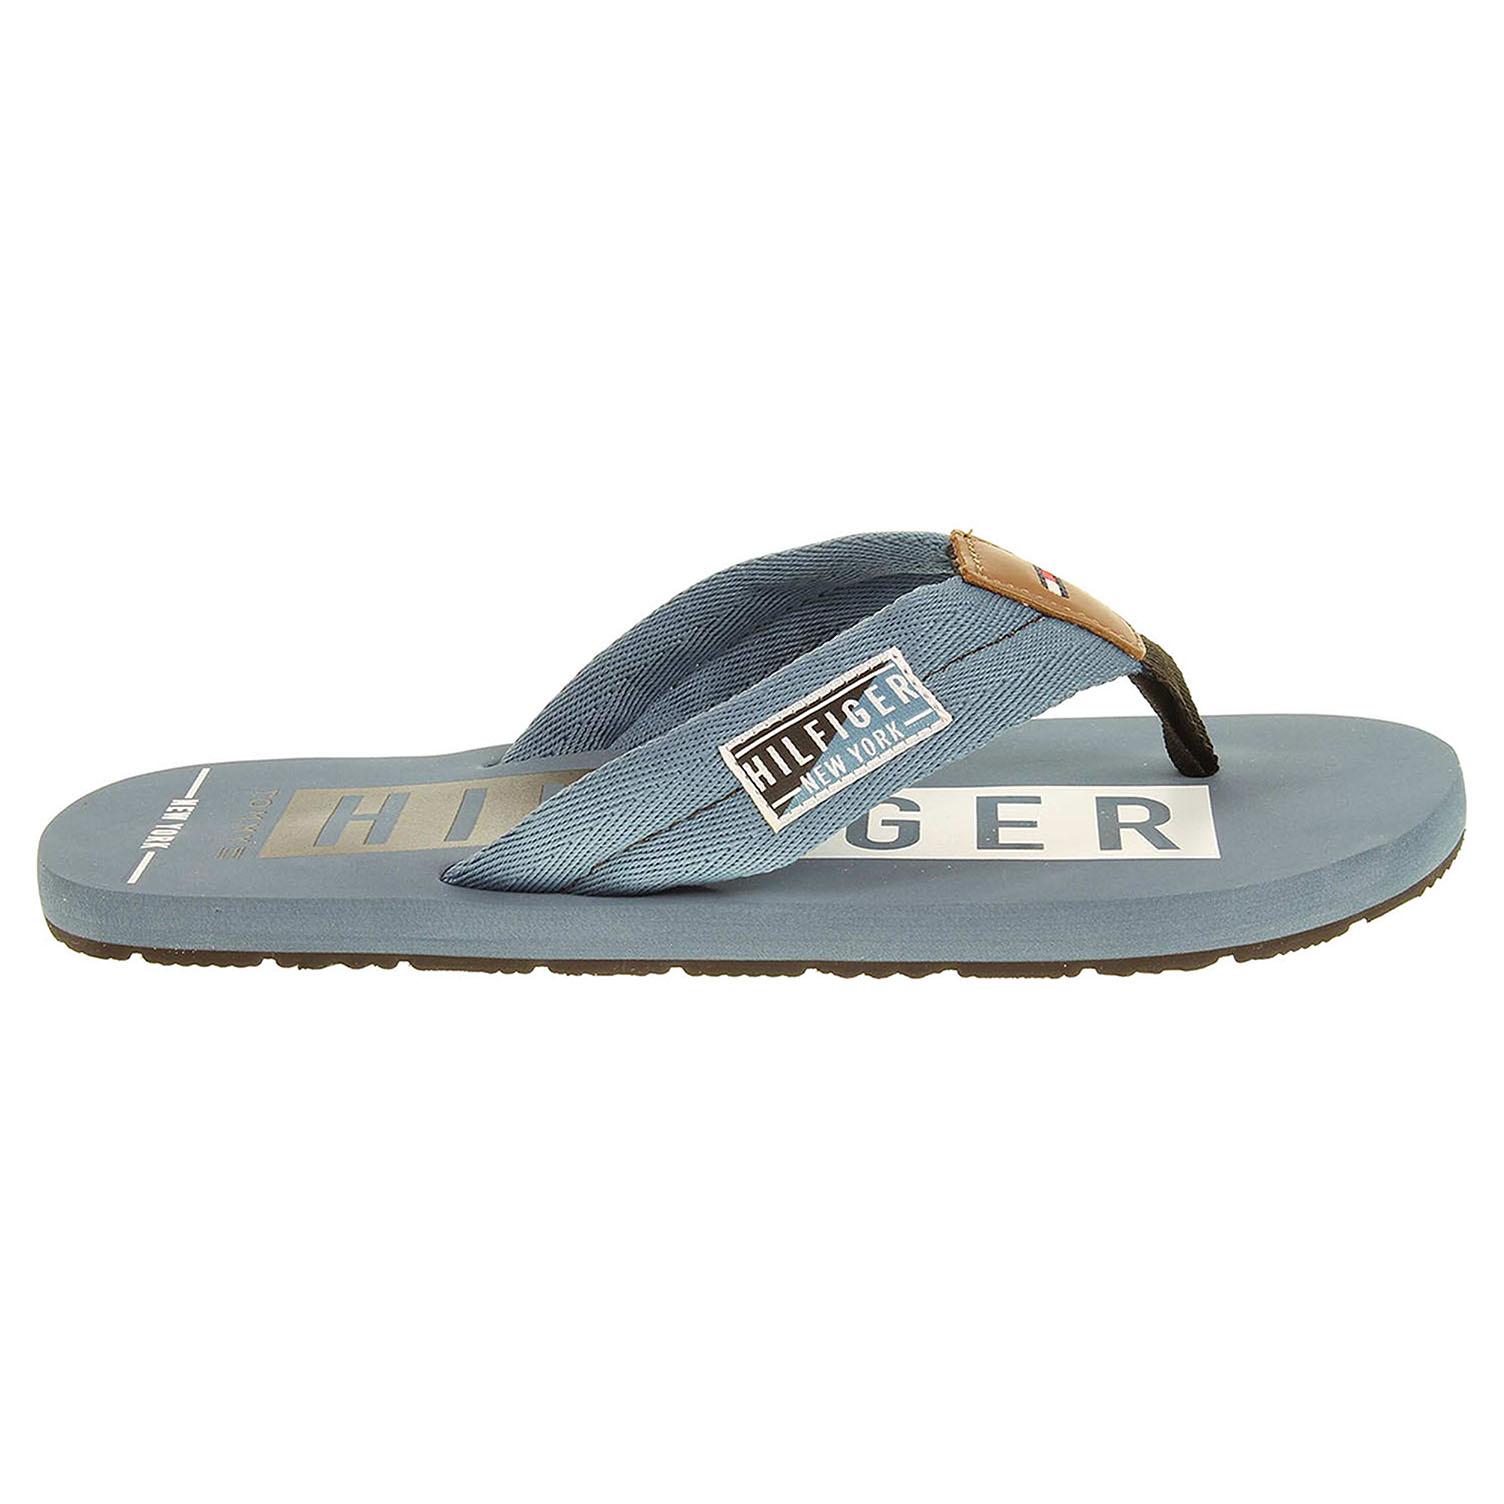 Ecco Tommy Hilfiger pánské pantofle FM0FM00490 B2285UDDY 14D modré 24500144